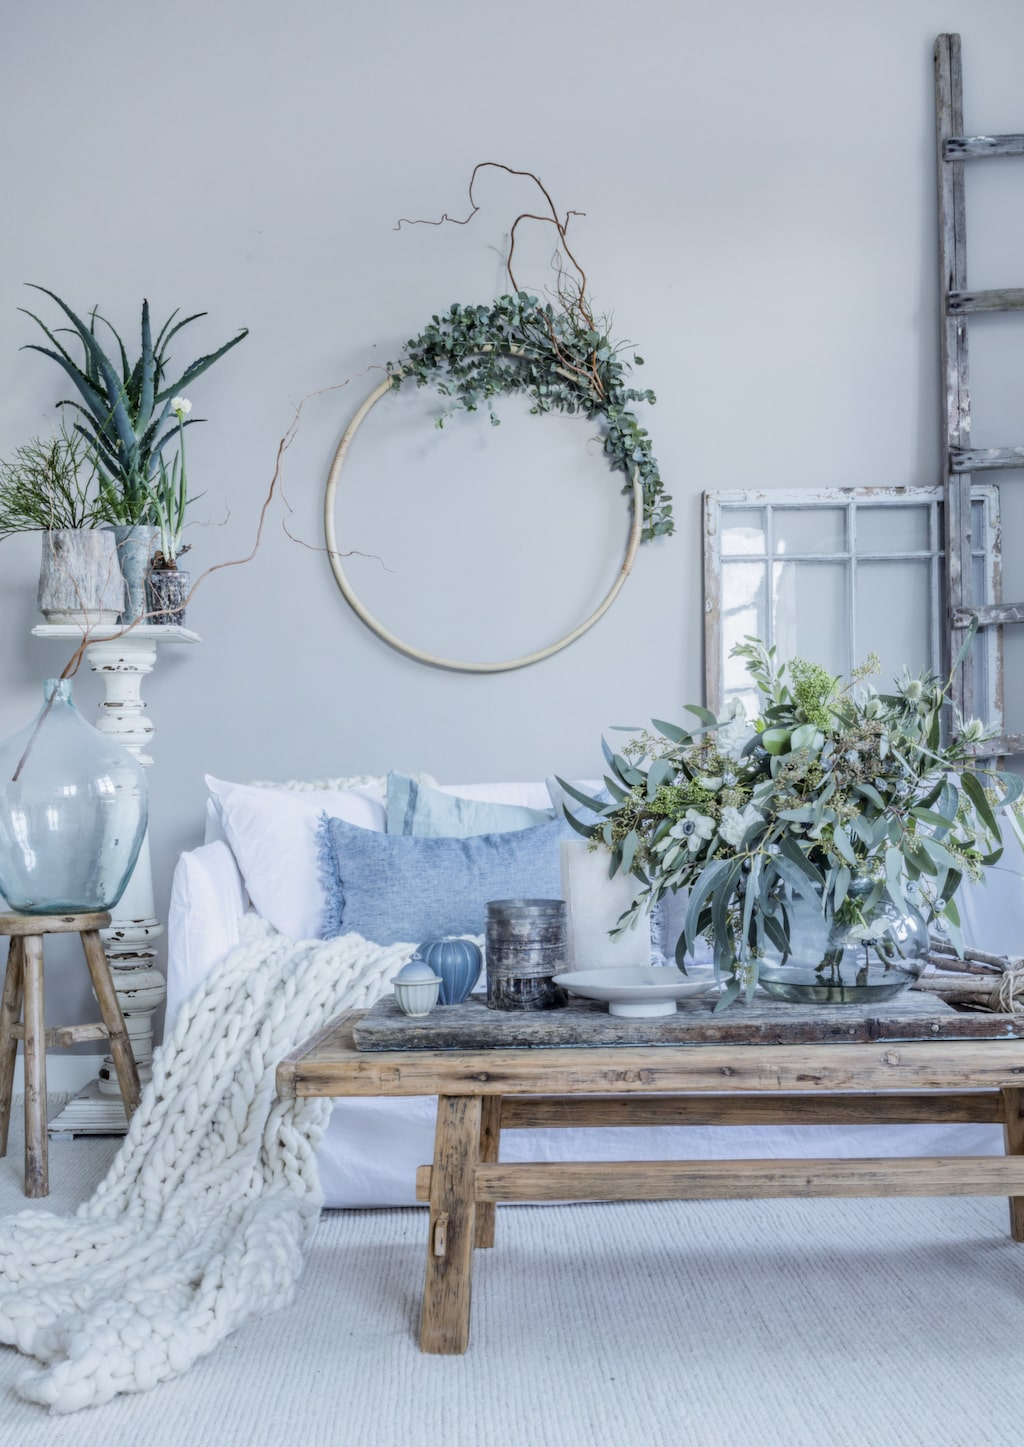 Vintervitt, isblått och naturfärger ger ett lugnt och vilsamt hem. Skapa harmoni med detaljer i trä, glas och zink. Fårskinn, ull och linne ger en varm och ombonad stil.